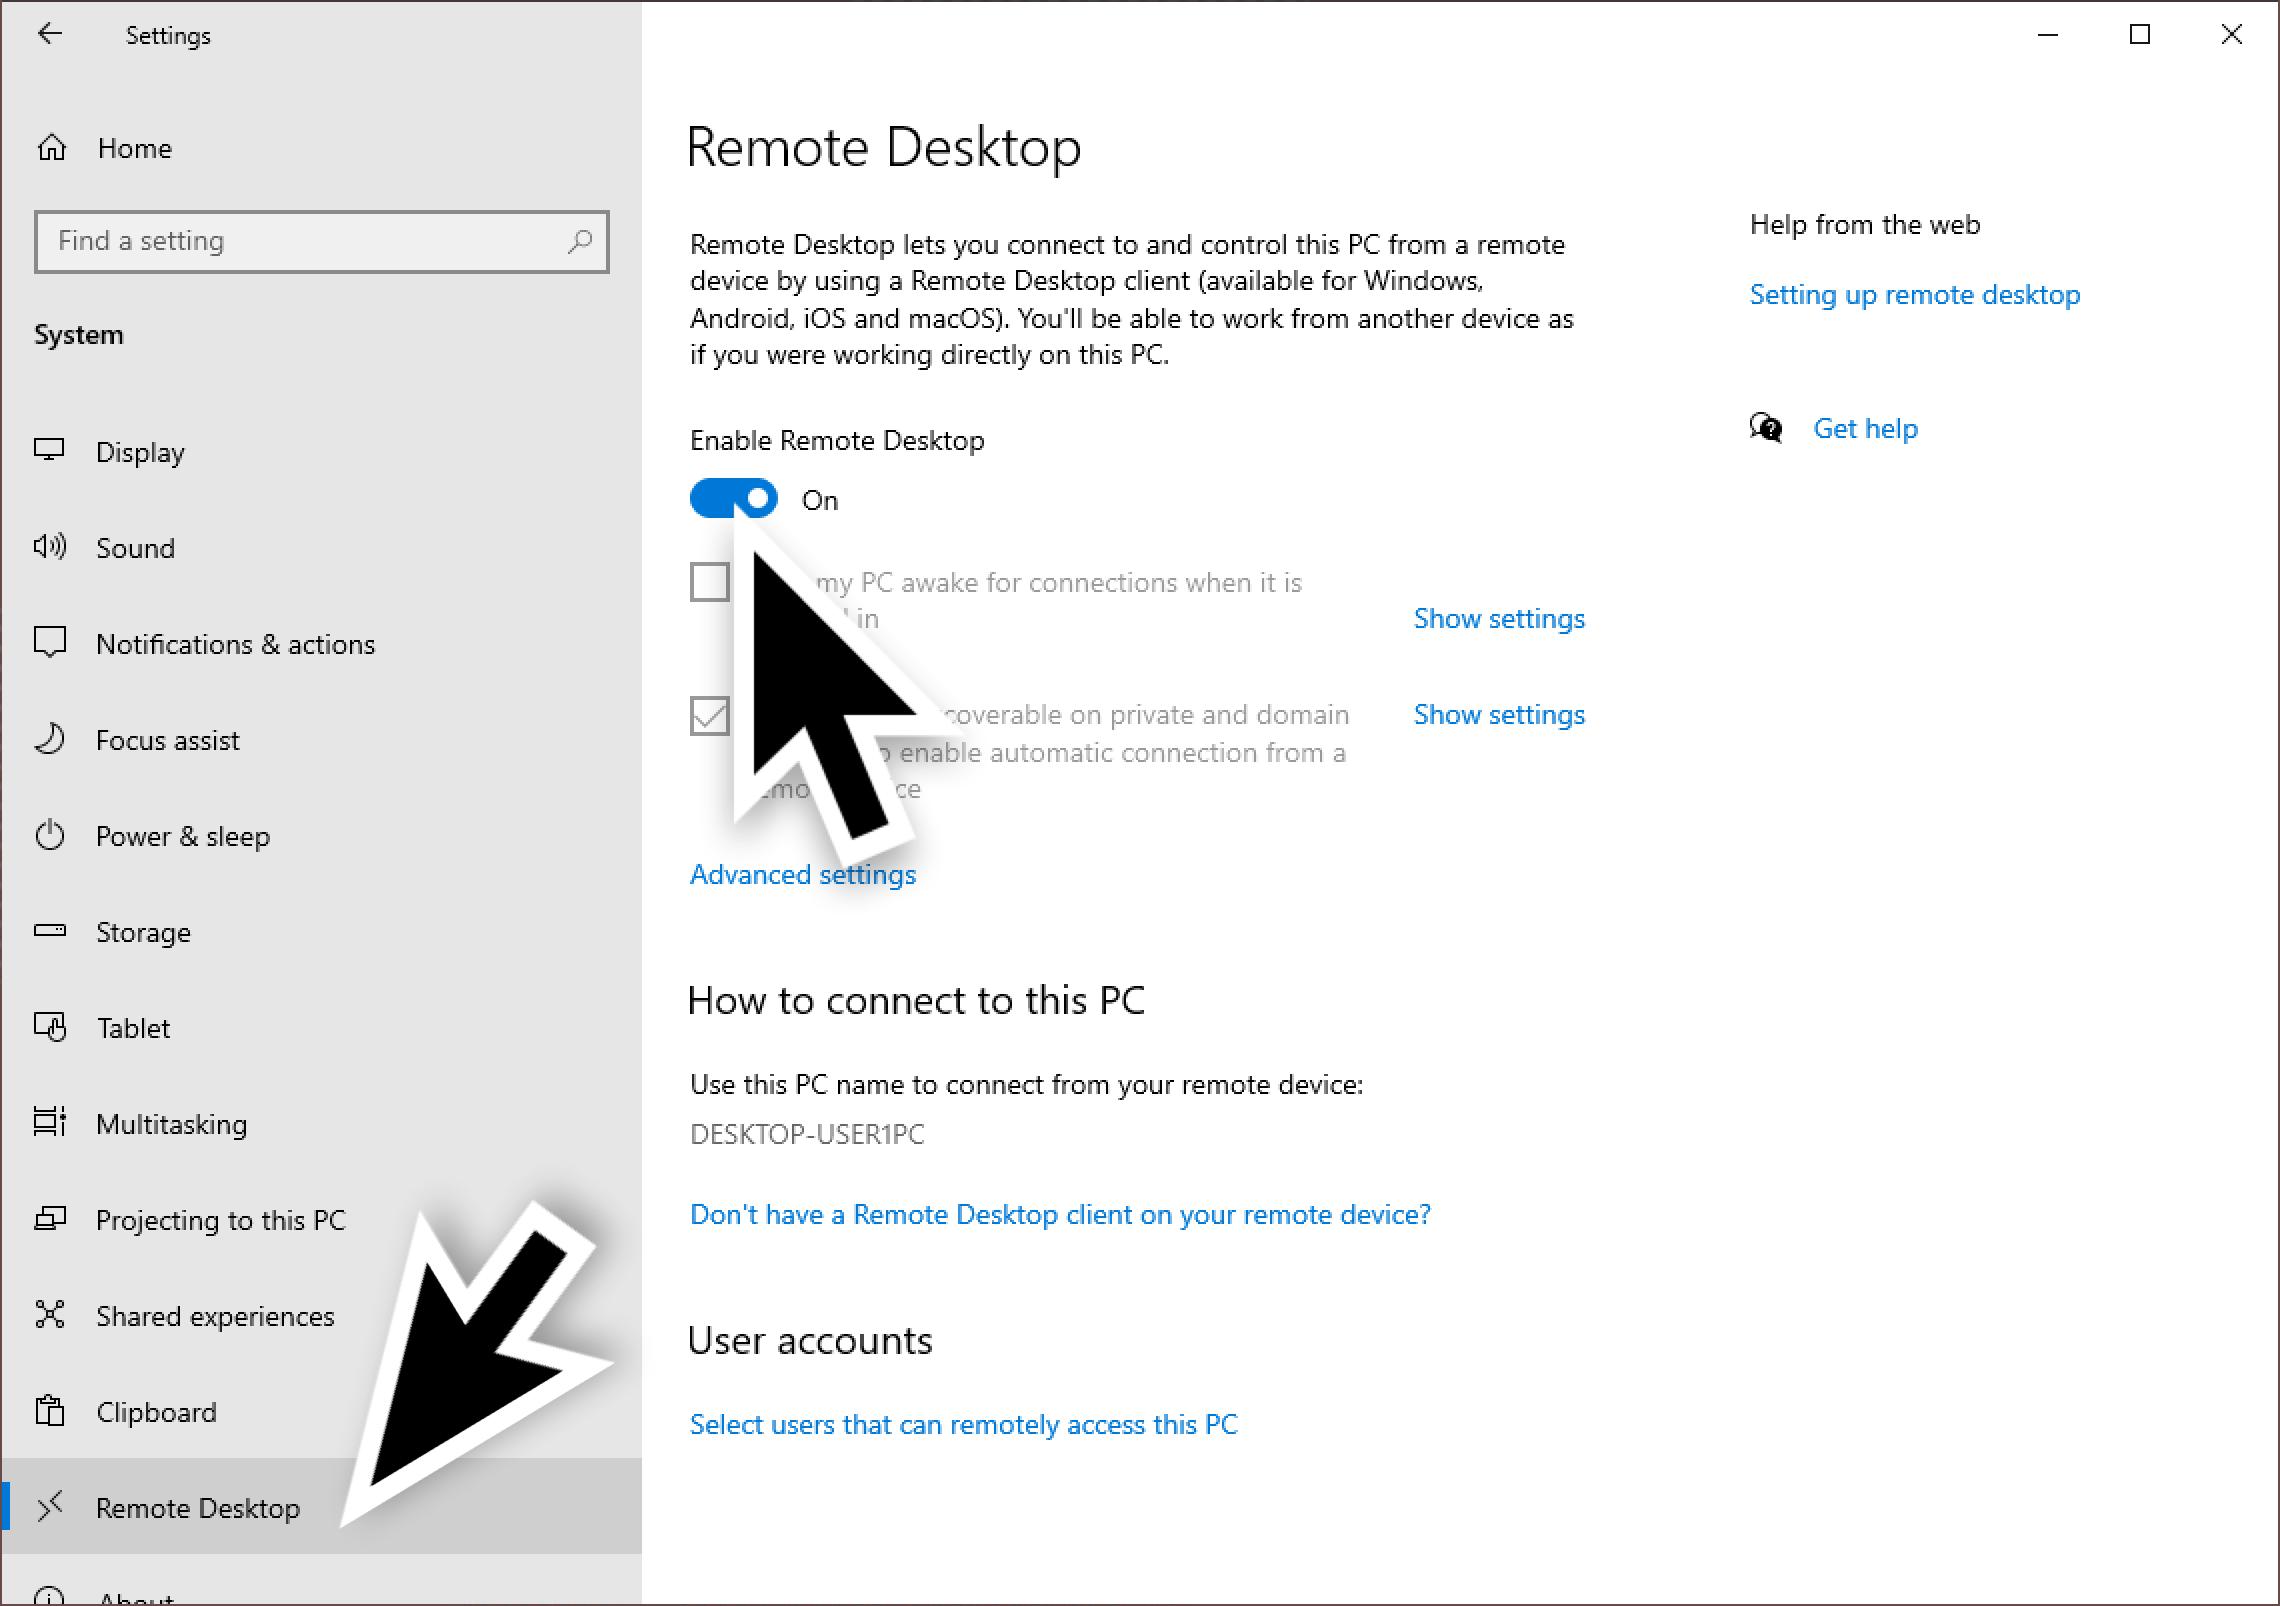 大きな黒矢印は、リモートデスクトップを選択する場所と、リモートデスクトップを有効にするスイッチをクリックする場所を示しています。